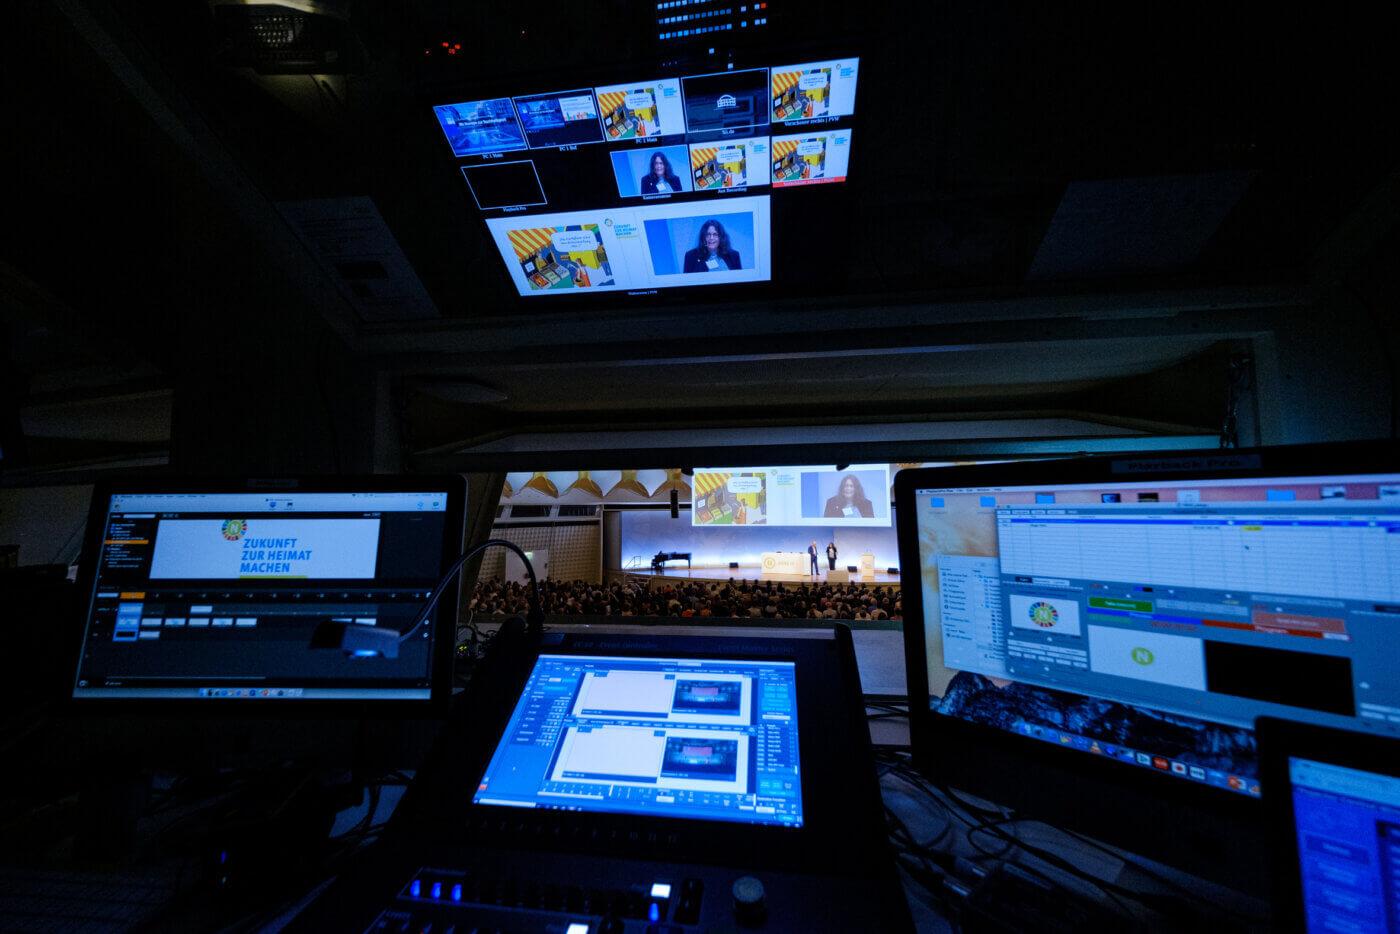 Nachhaltiges Veranstaltungsmanagement: Technikraum auf der 19. Jahreskonferenz des Rates für Nachhaltige Entwicklung am 04.06.2019 in Berlin, Foto: André Wagenzik/Andreas Domma © Rat für Nachhaltige Entwicklung (RNE)